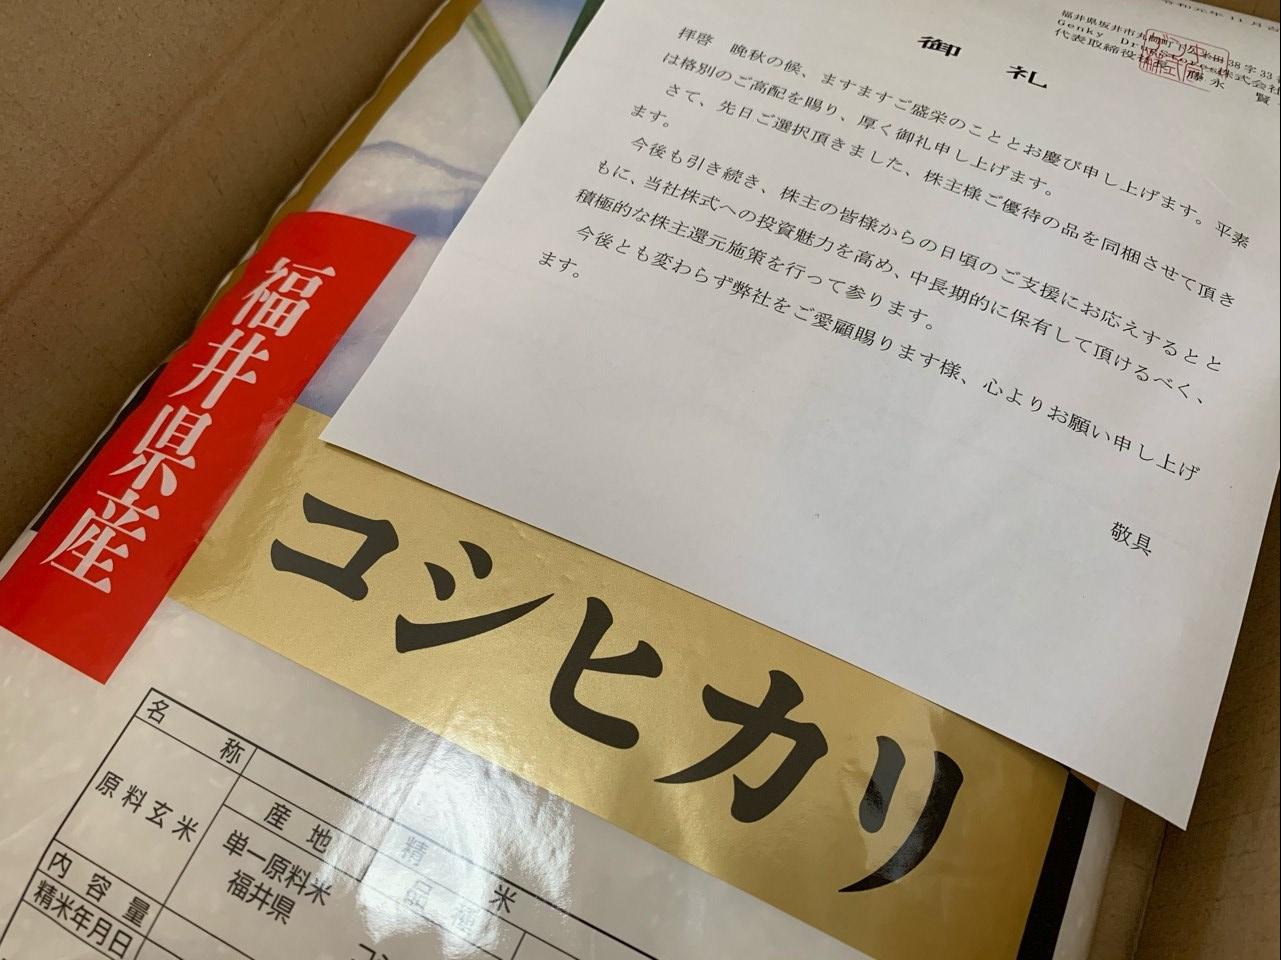 ゲンキー 株主優待の福井県コシヒカリ